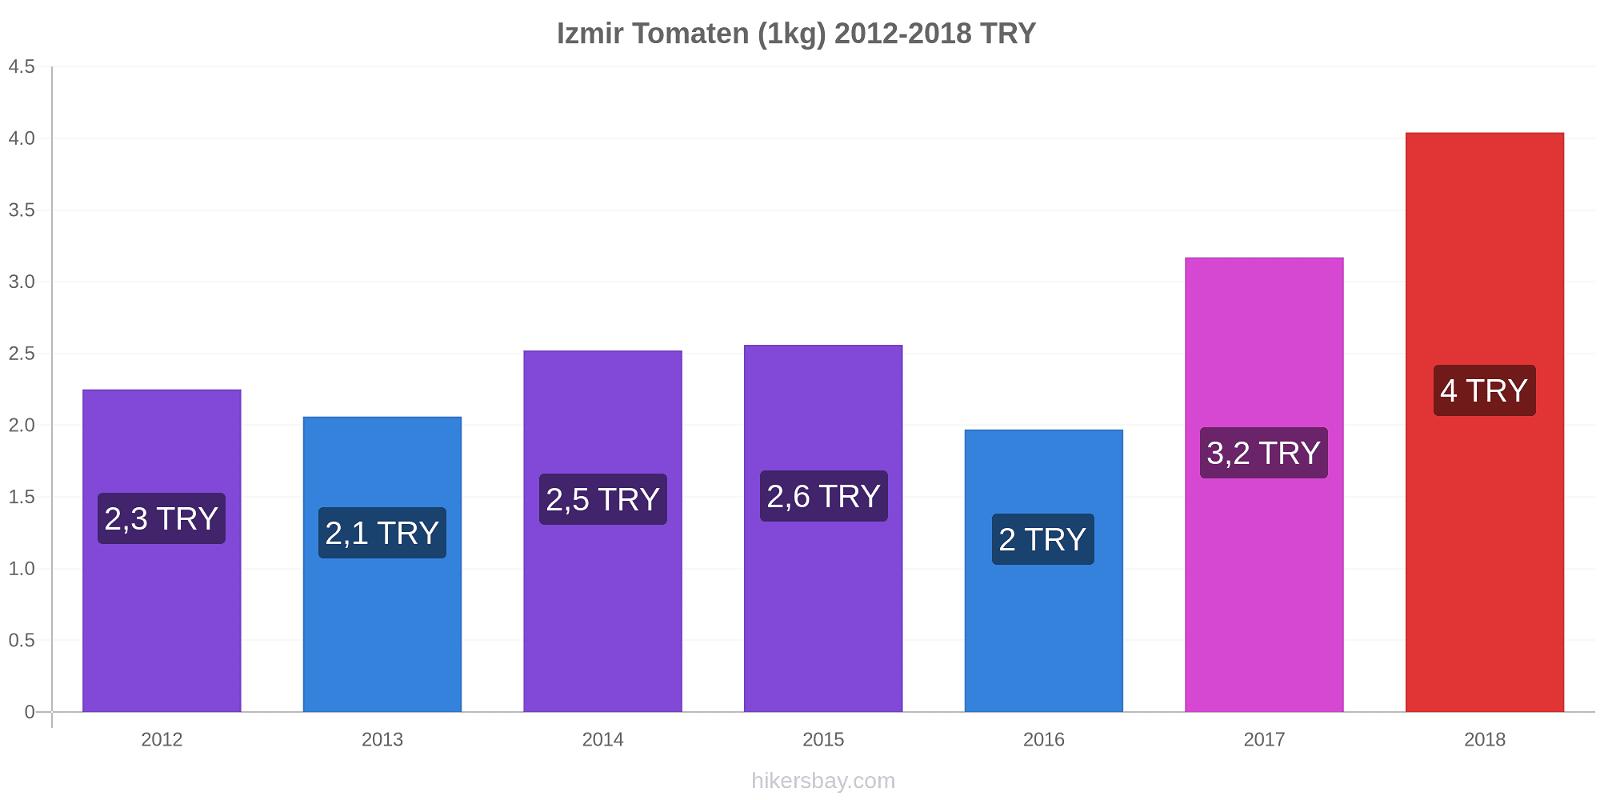 Izmir Preisänderungen Tomaten (1kg) hikersbay.com